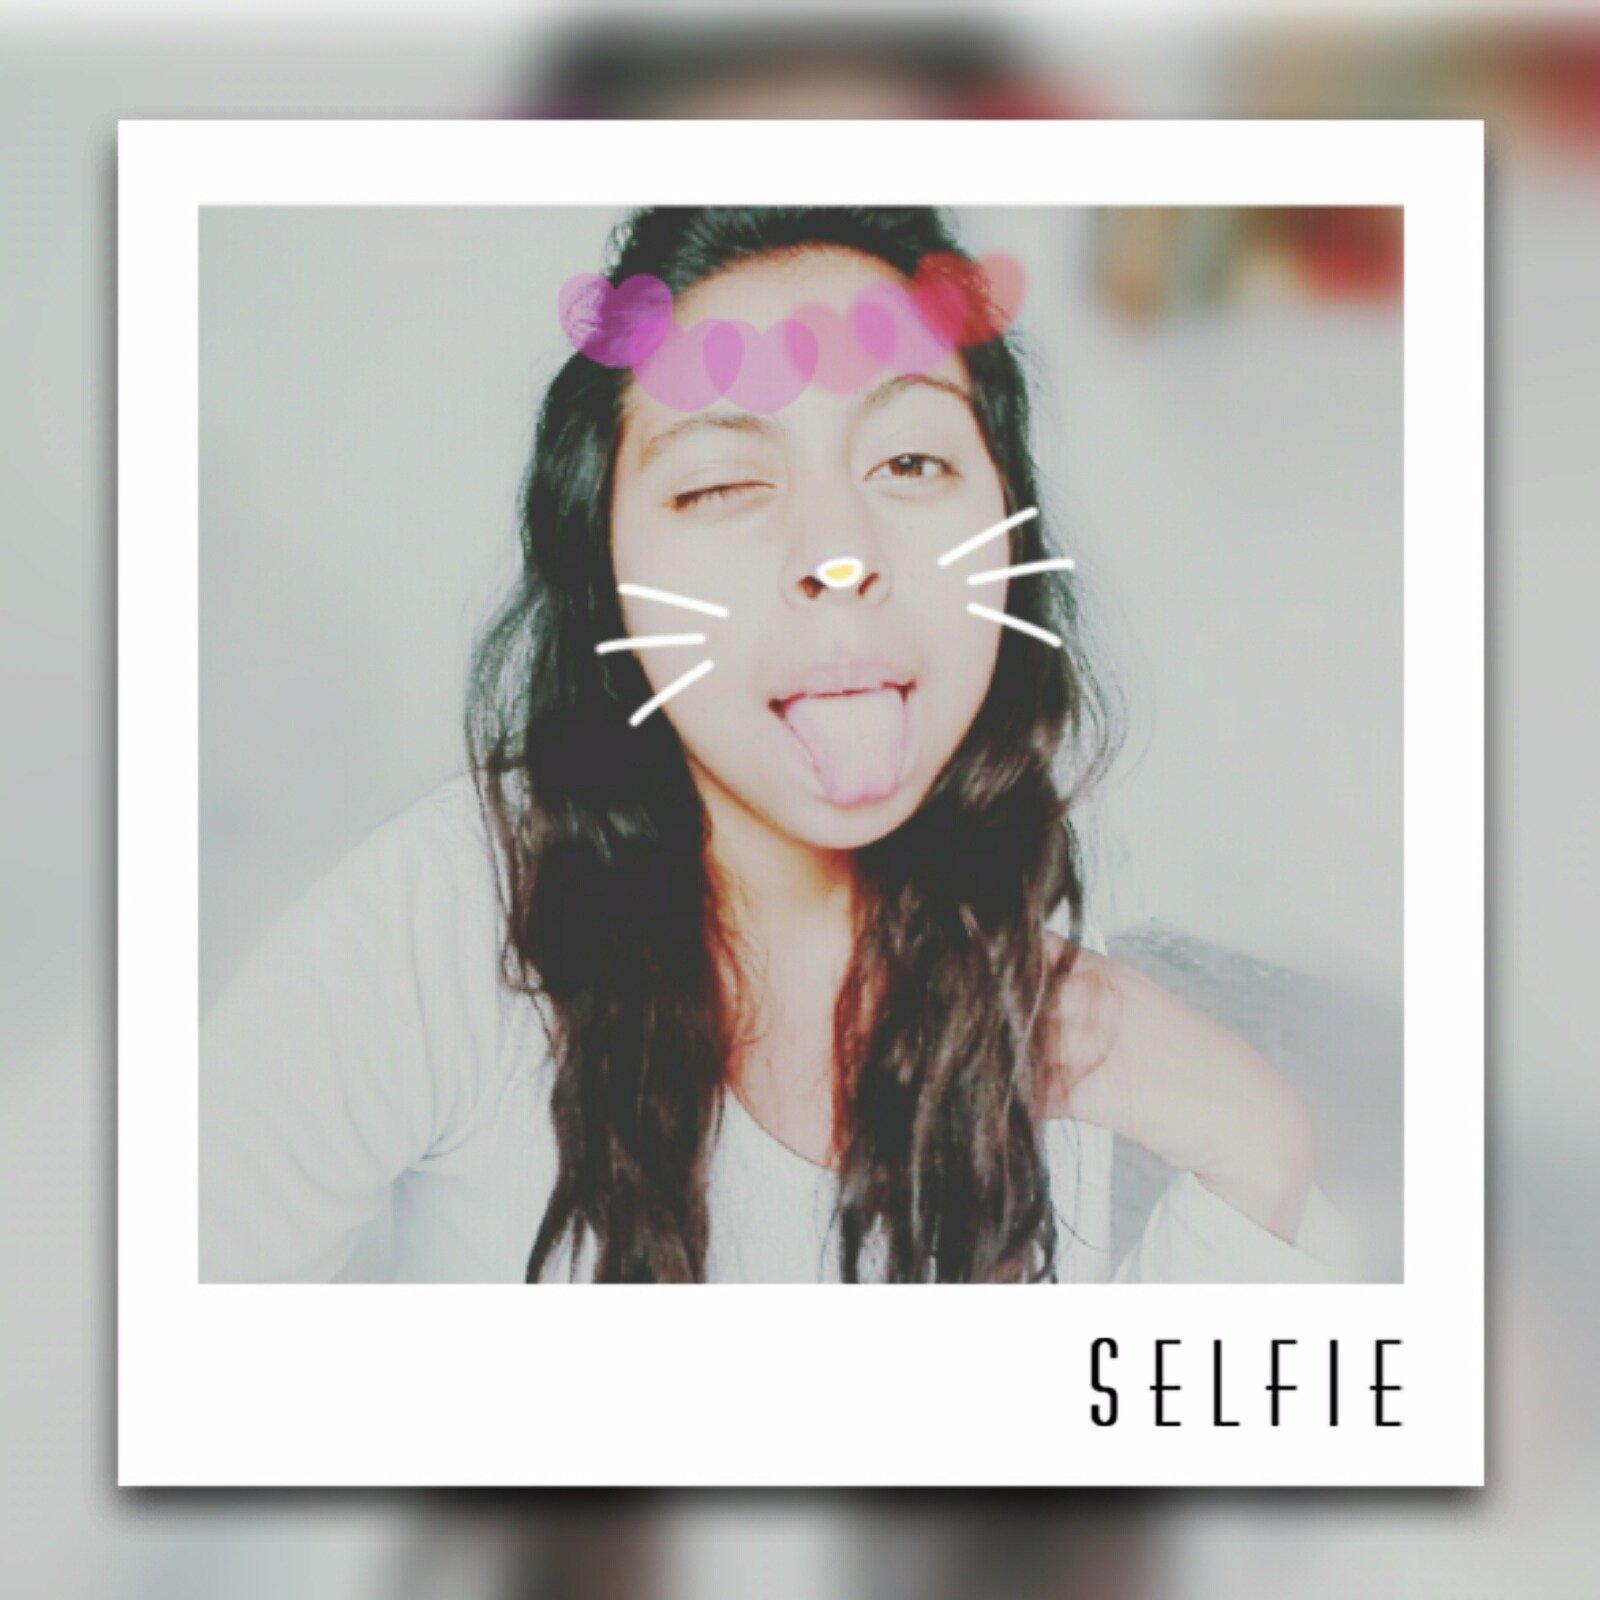 Selfie Jimena Garcia nude photos 2019